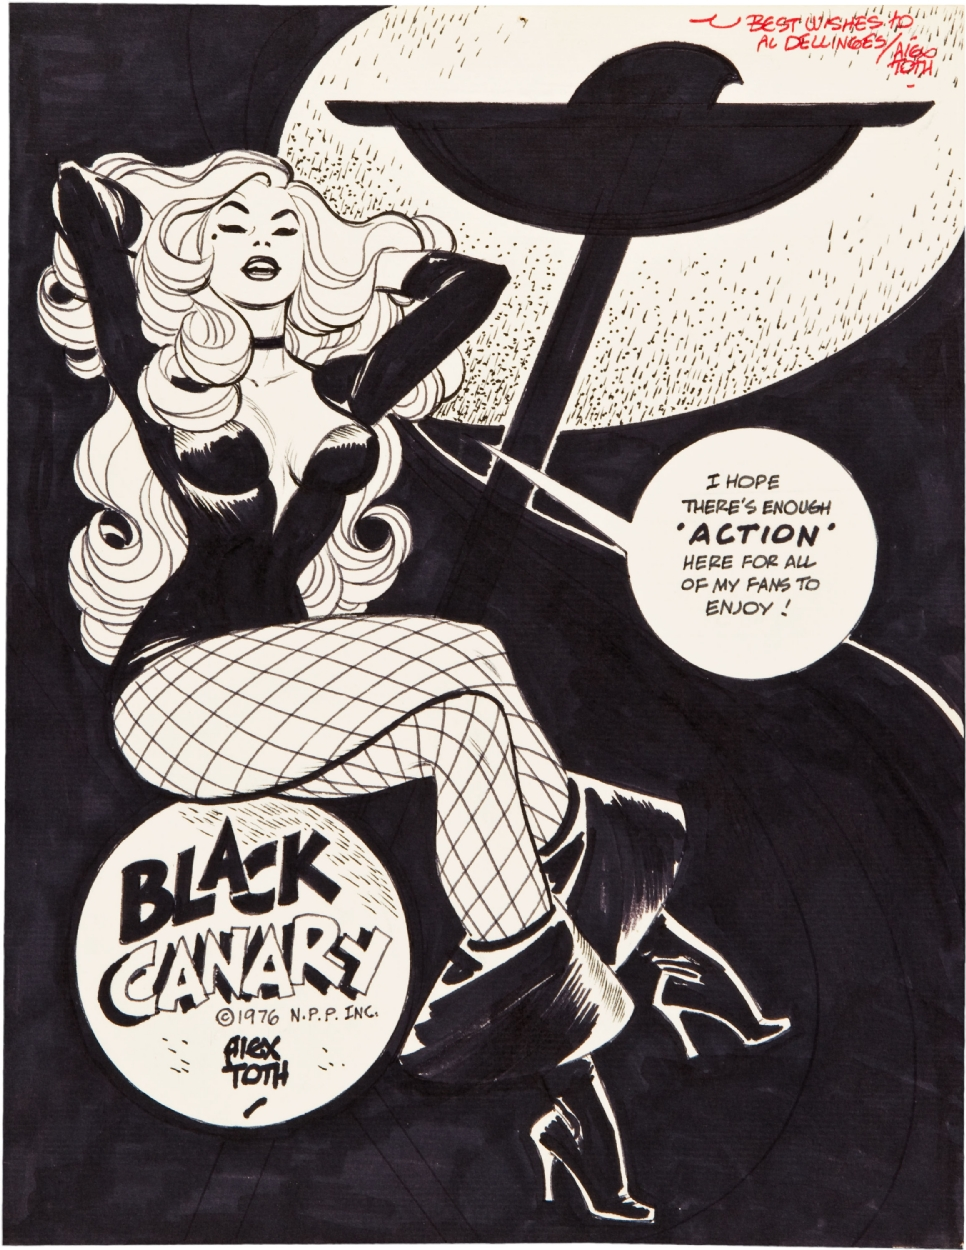 Alex TOth Black Canary